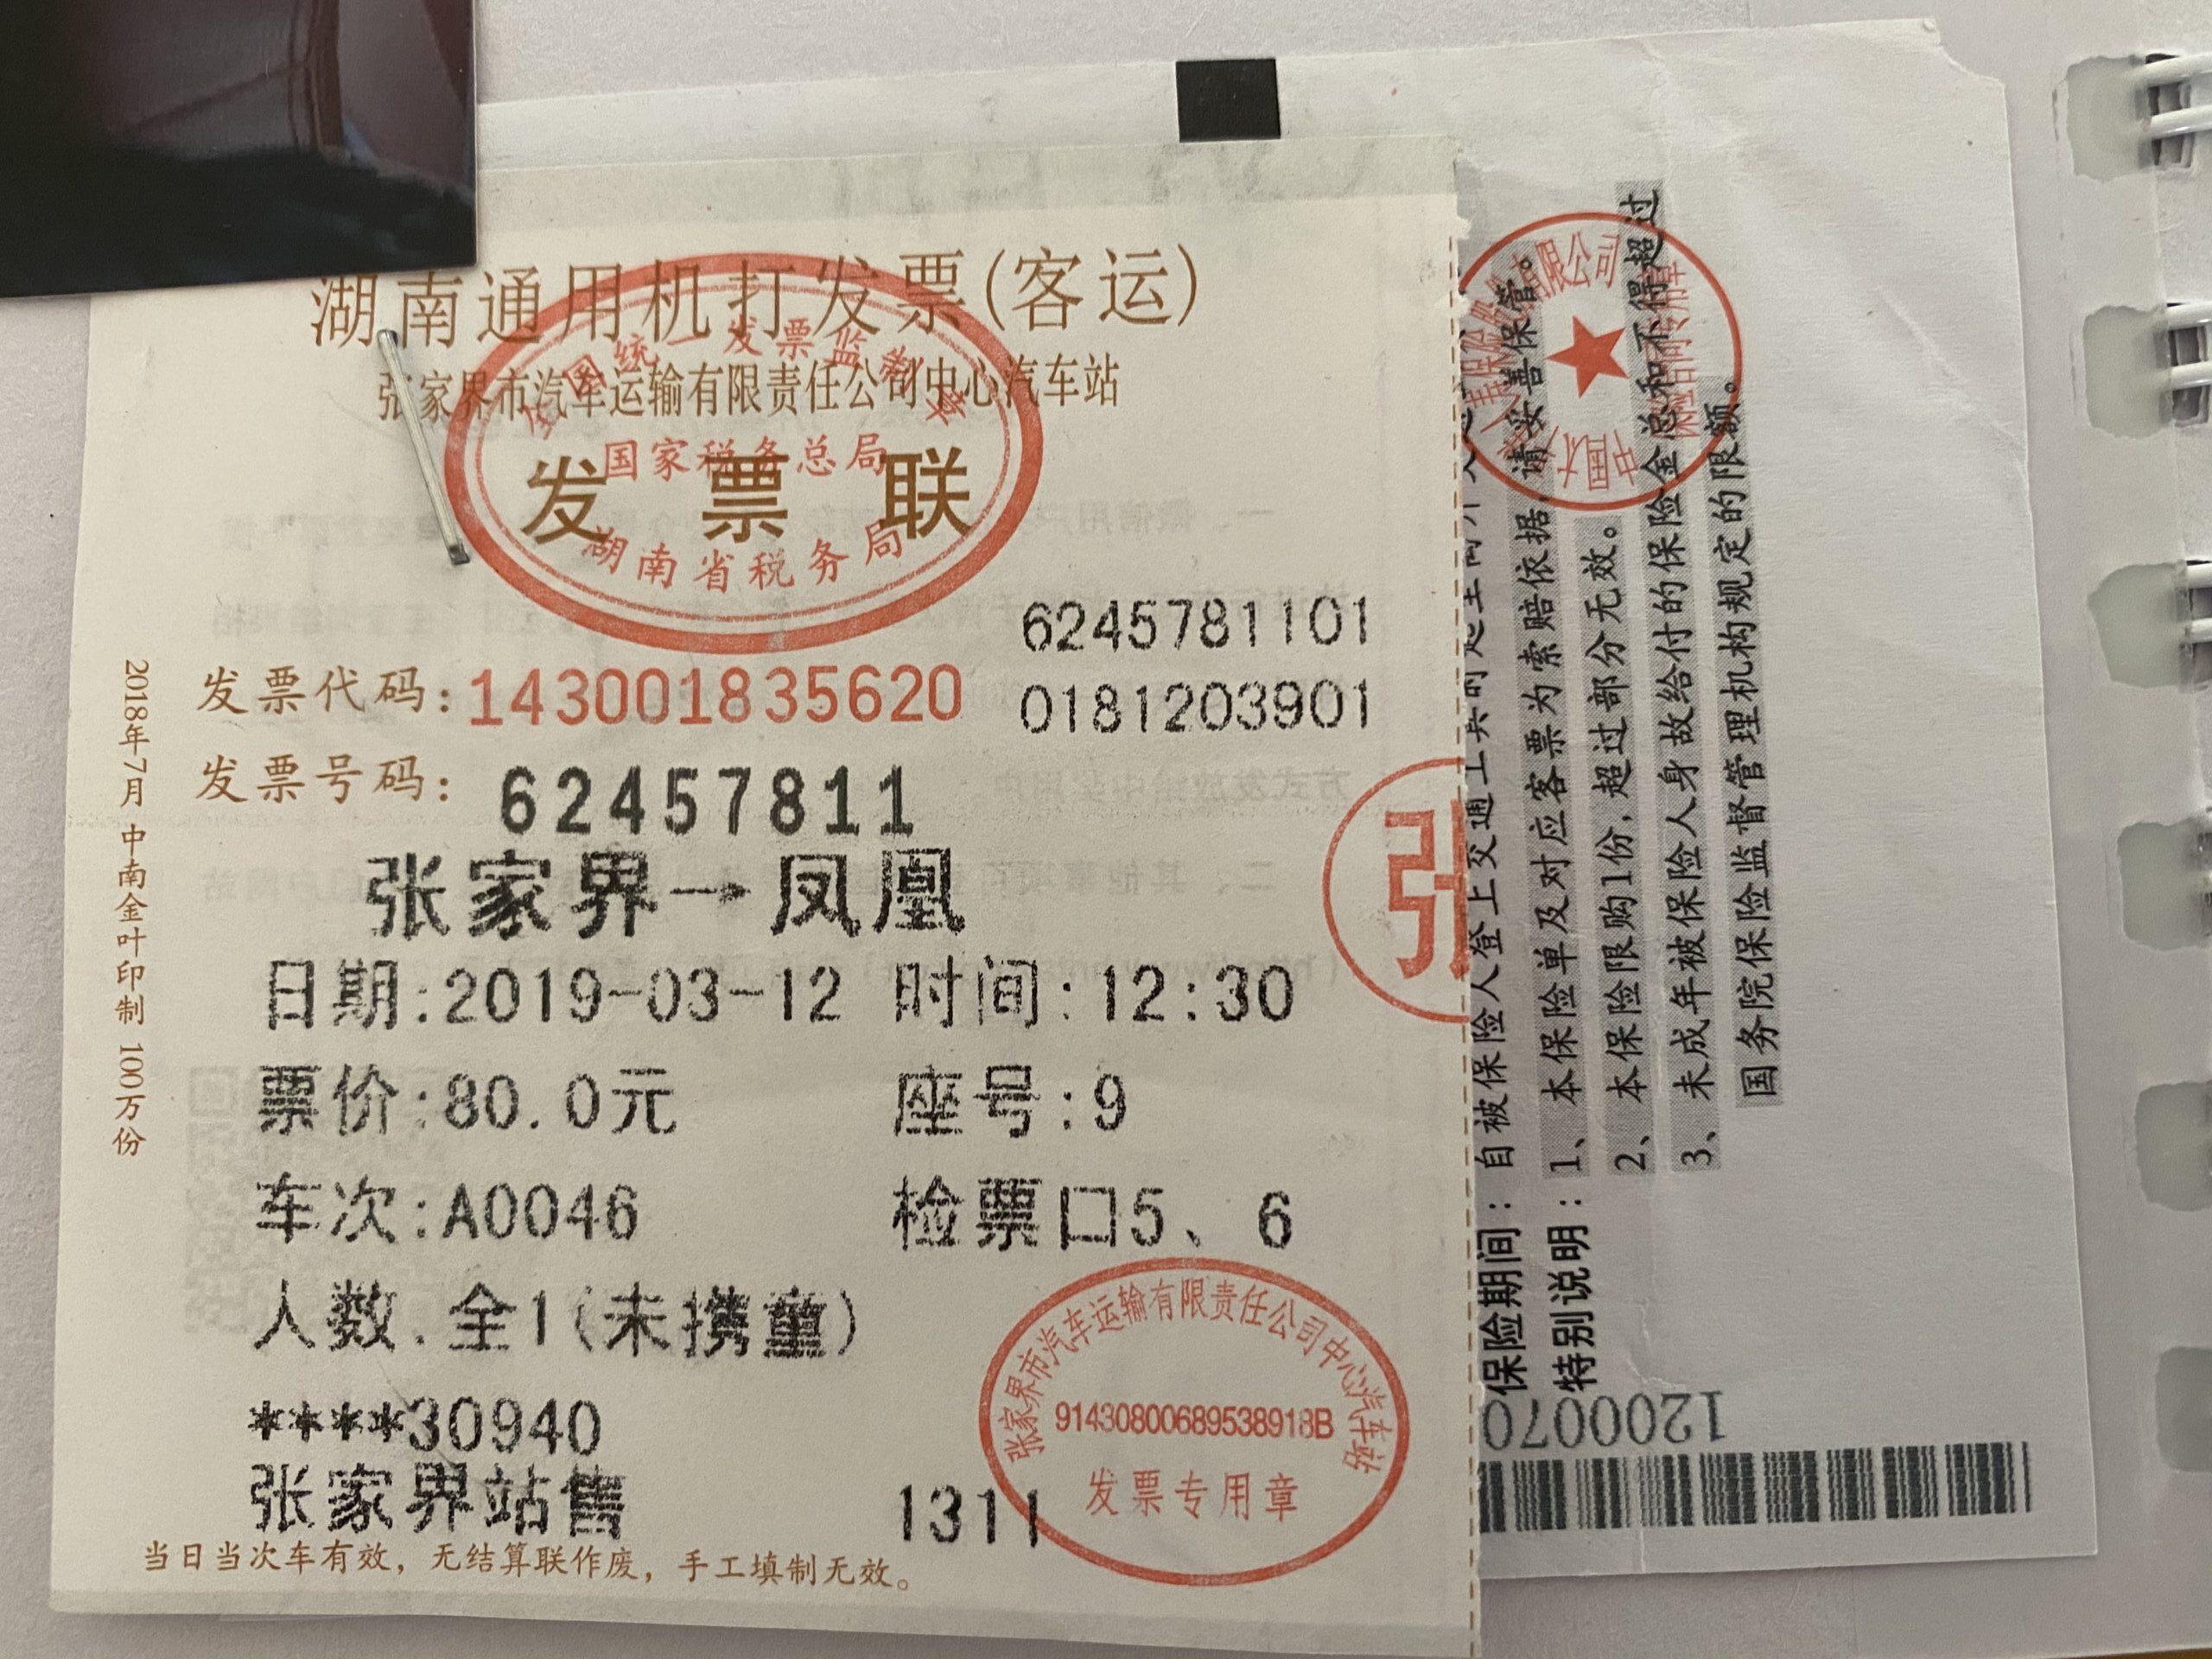 Autobus in Cina: come prenotare un biglietto, i nomi delle stazioni in cinese, pro e contro.